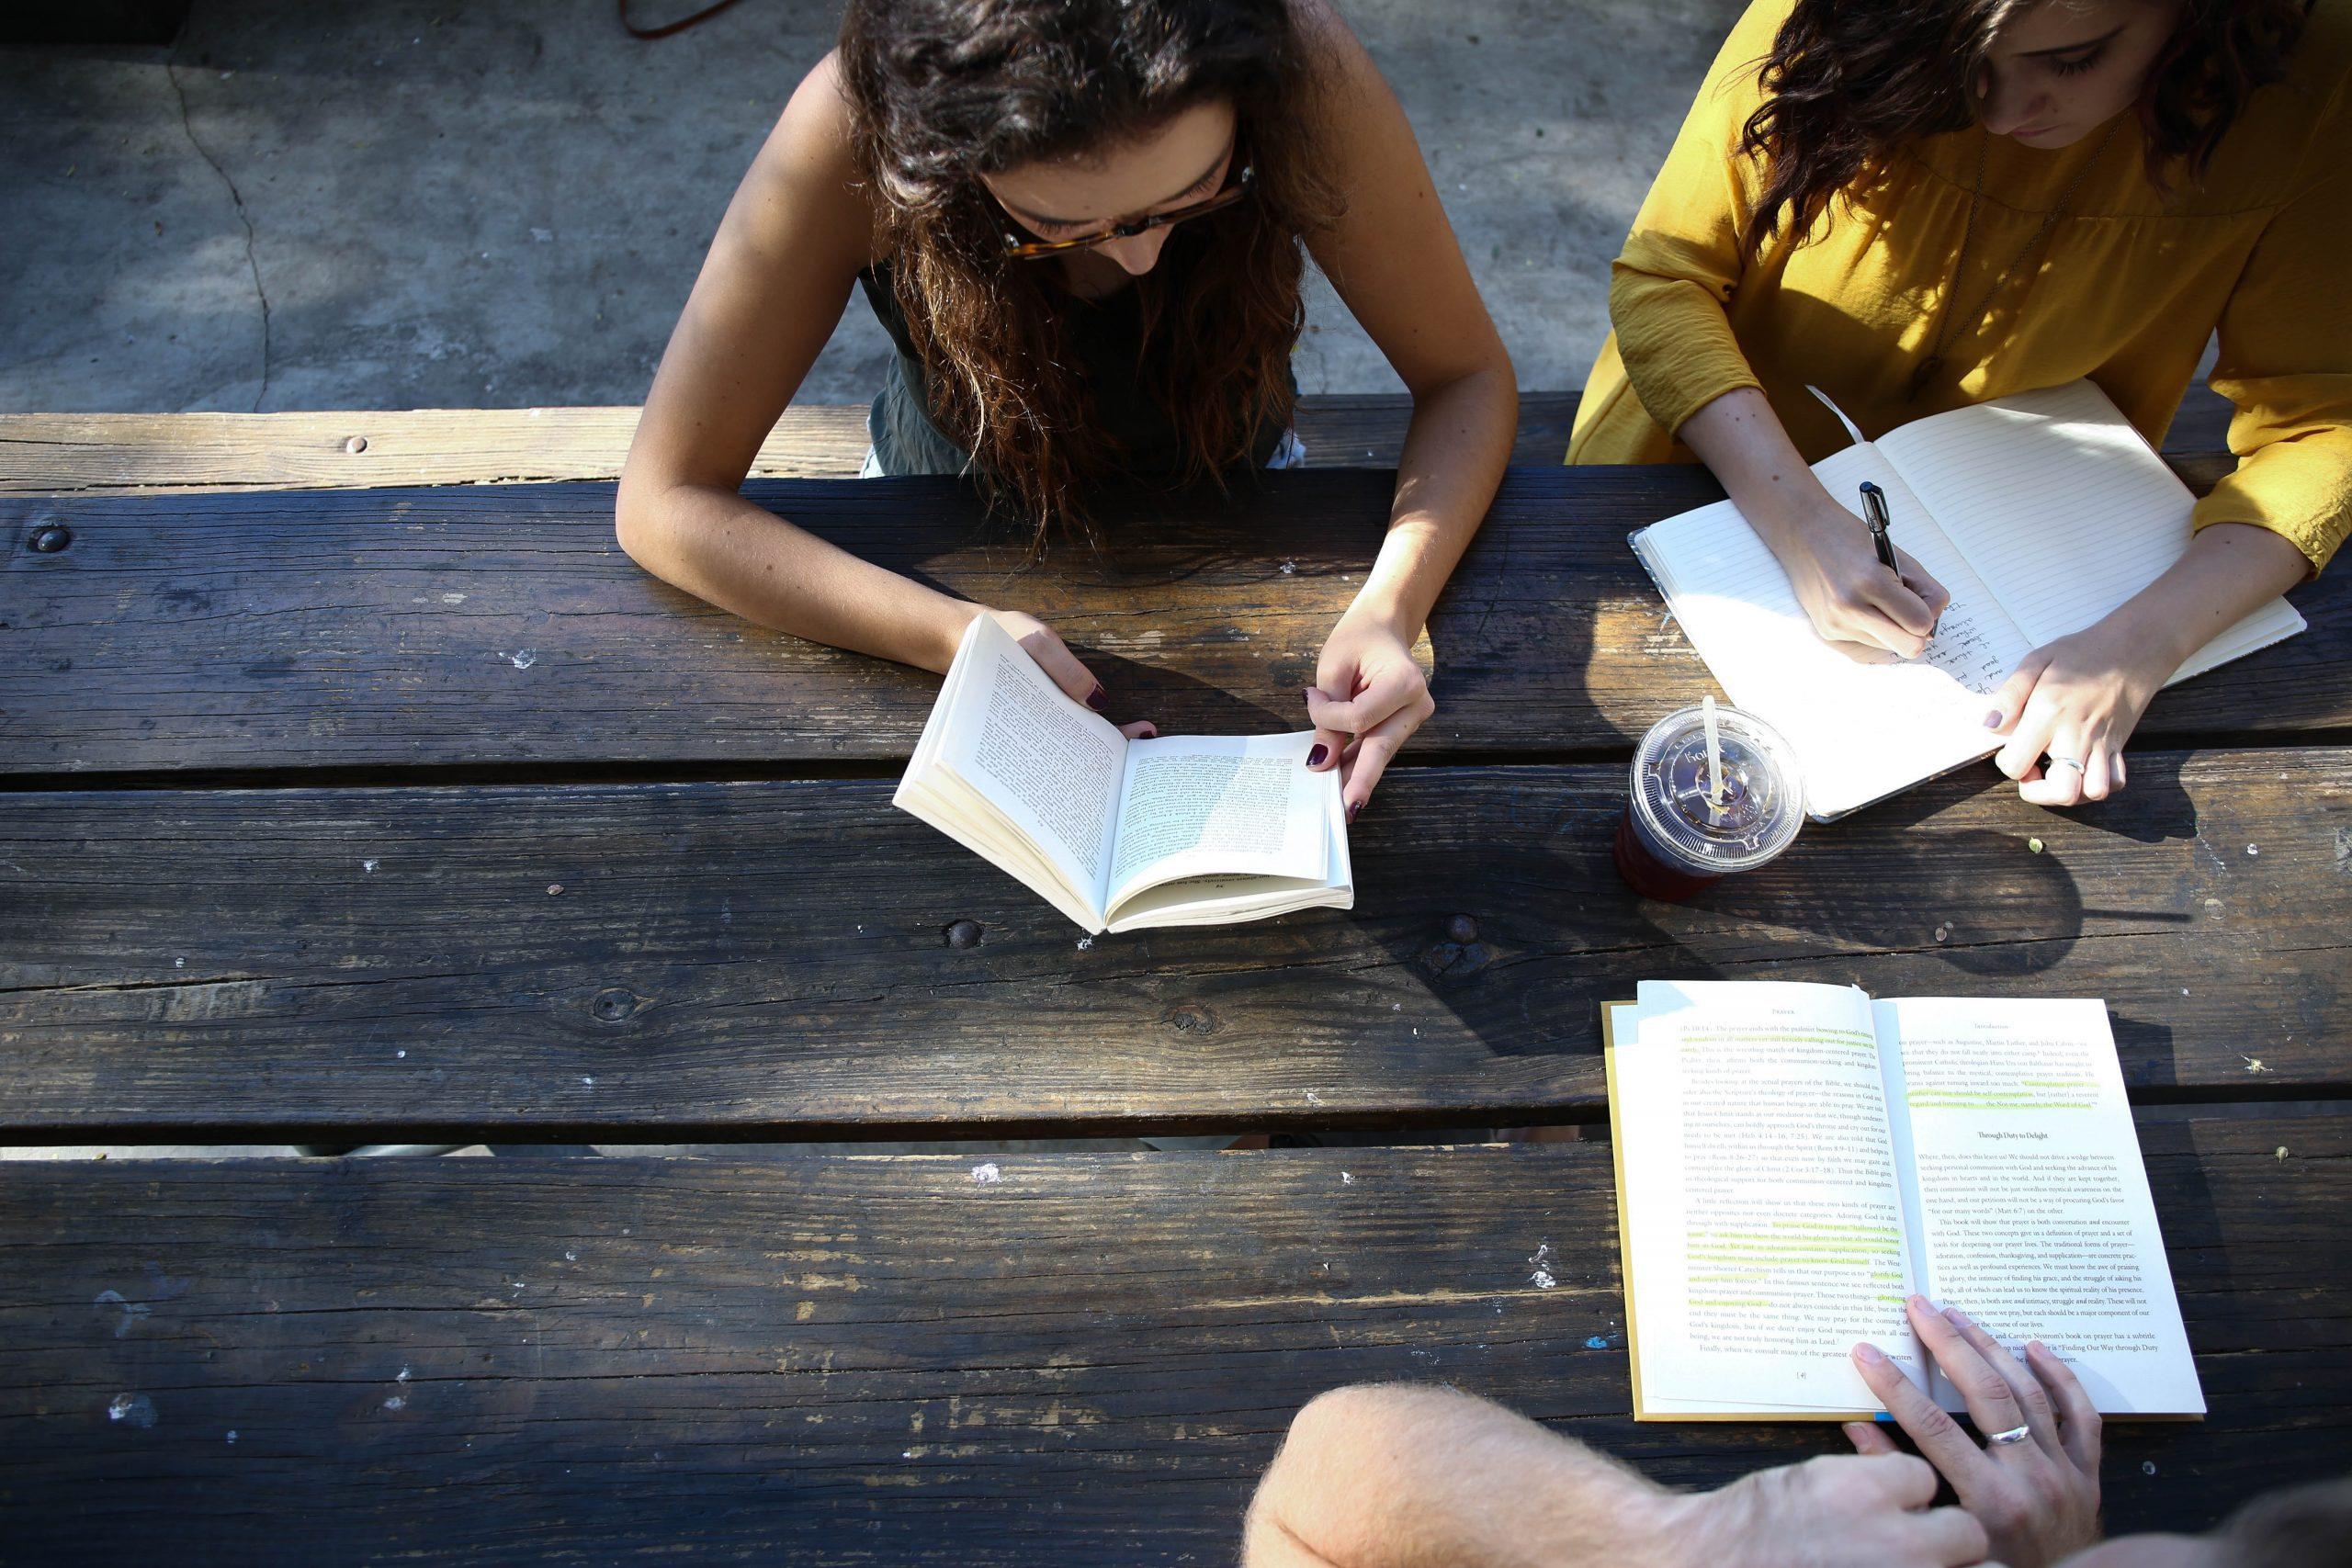 bijles middelbare school Vo voortgezet onderwijs noodzaak oplossing svpo